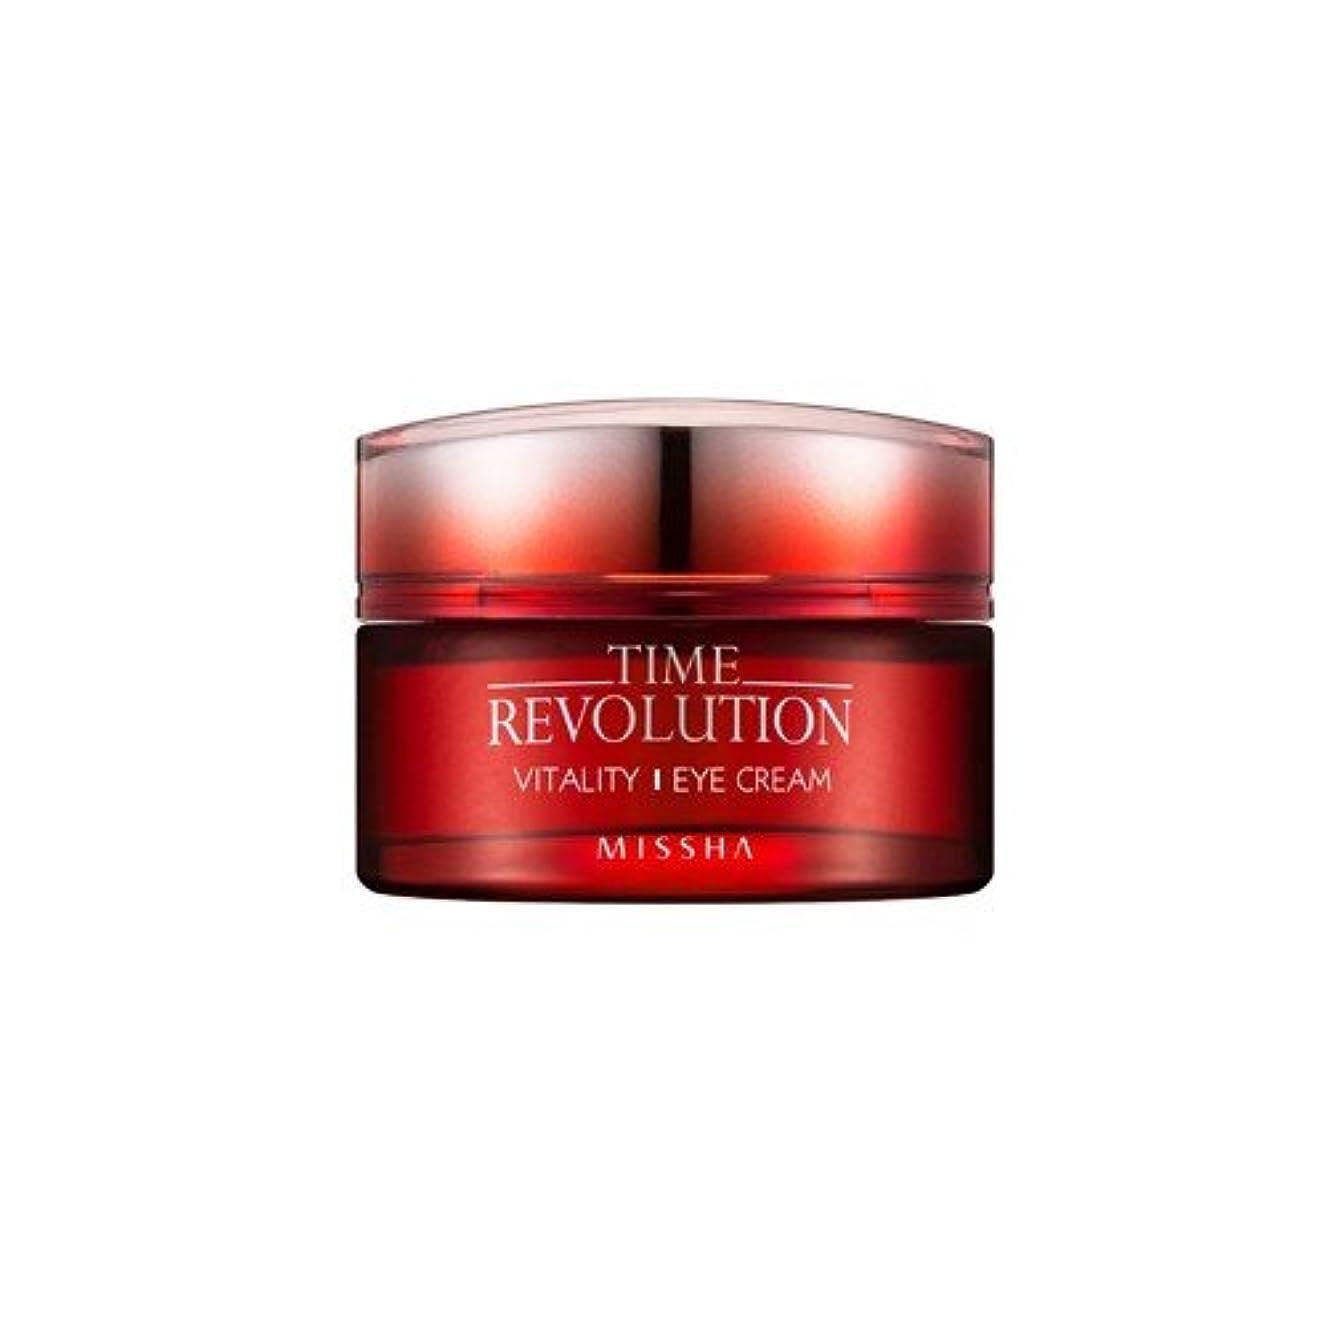 庭園タッププロポーショナルMISSHA time revolution vitality eye cream (ミシャ タイムレボリューション バイタリティー アイクリーム)25ml